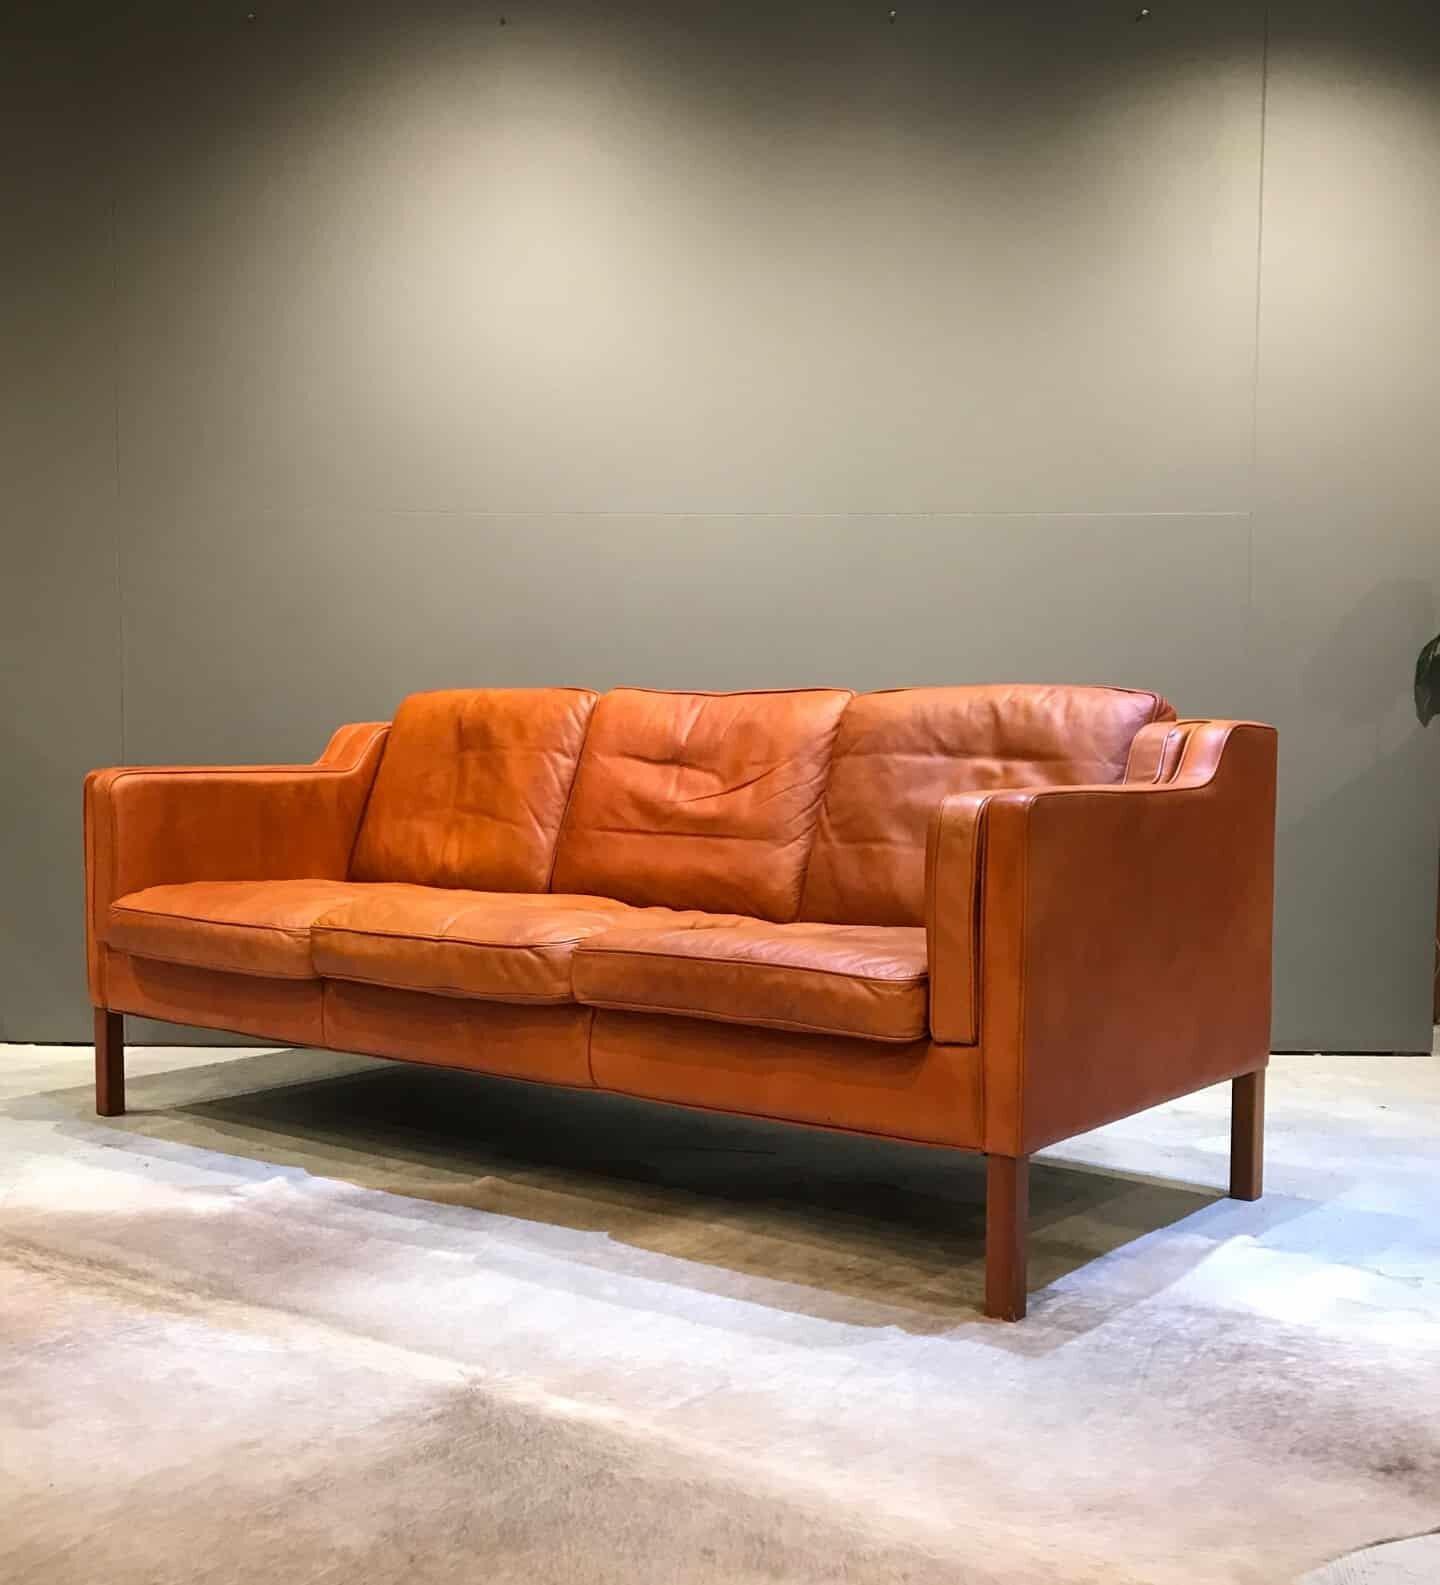 Image of: Mid Century Danish Sofa Mid Century Furniture Melbourne